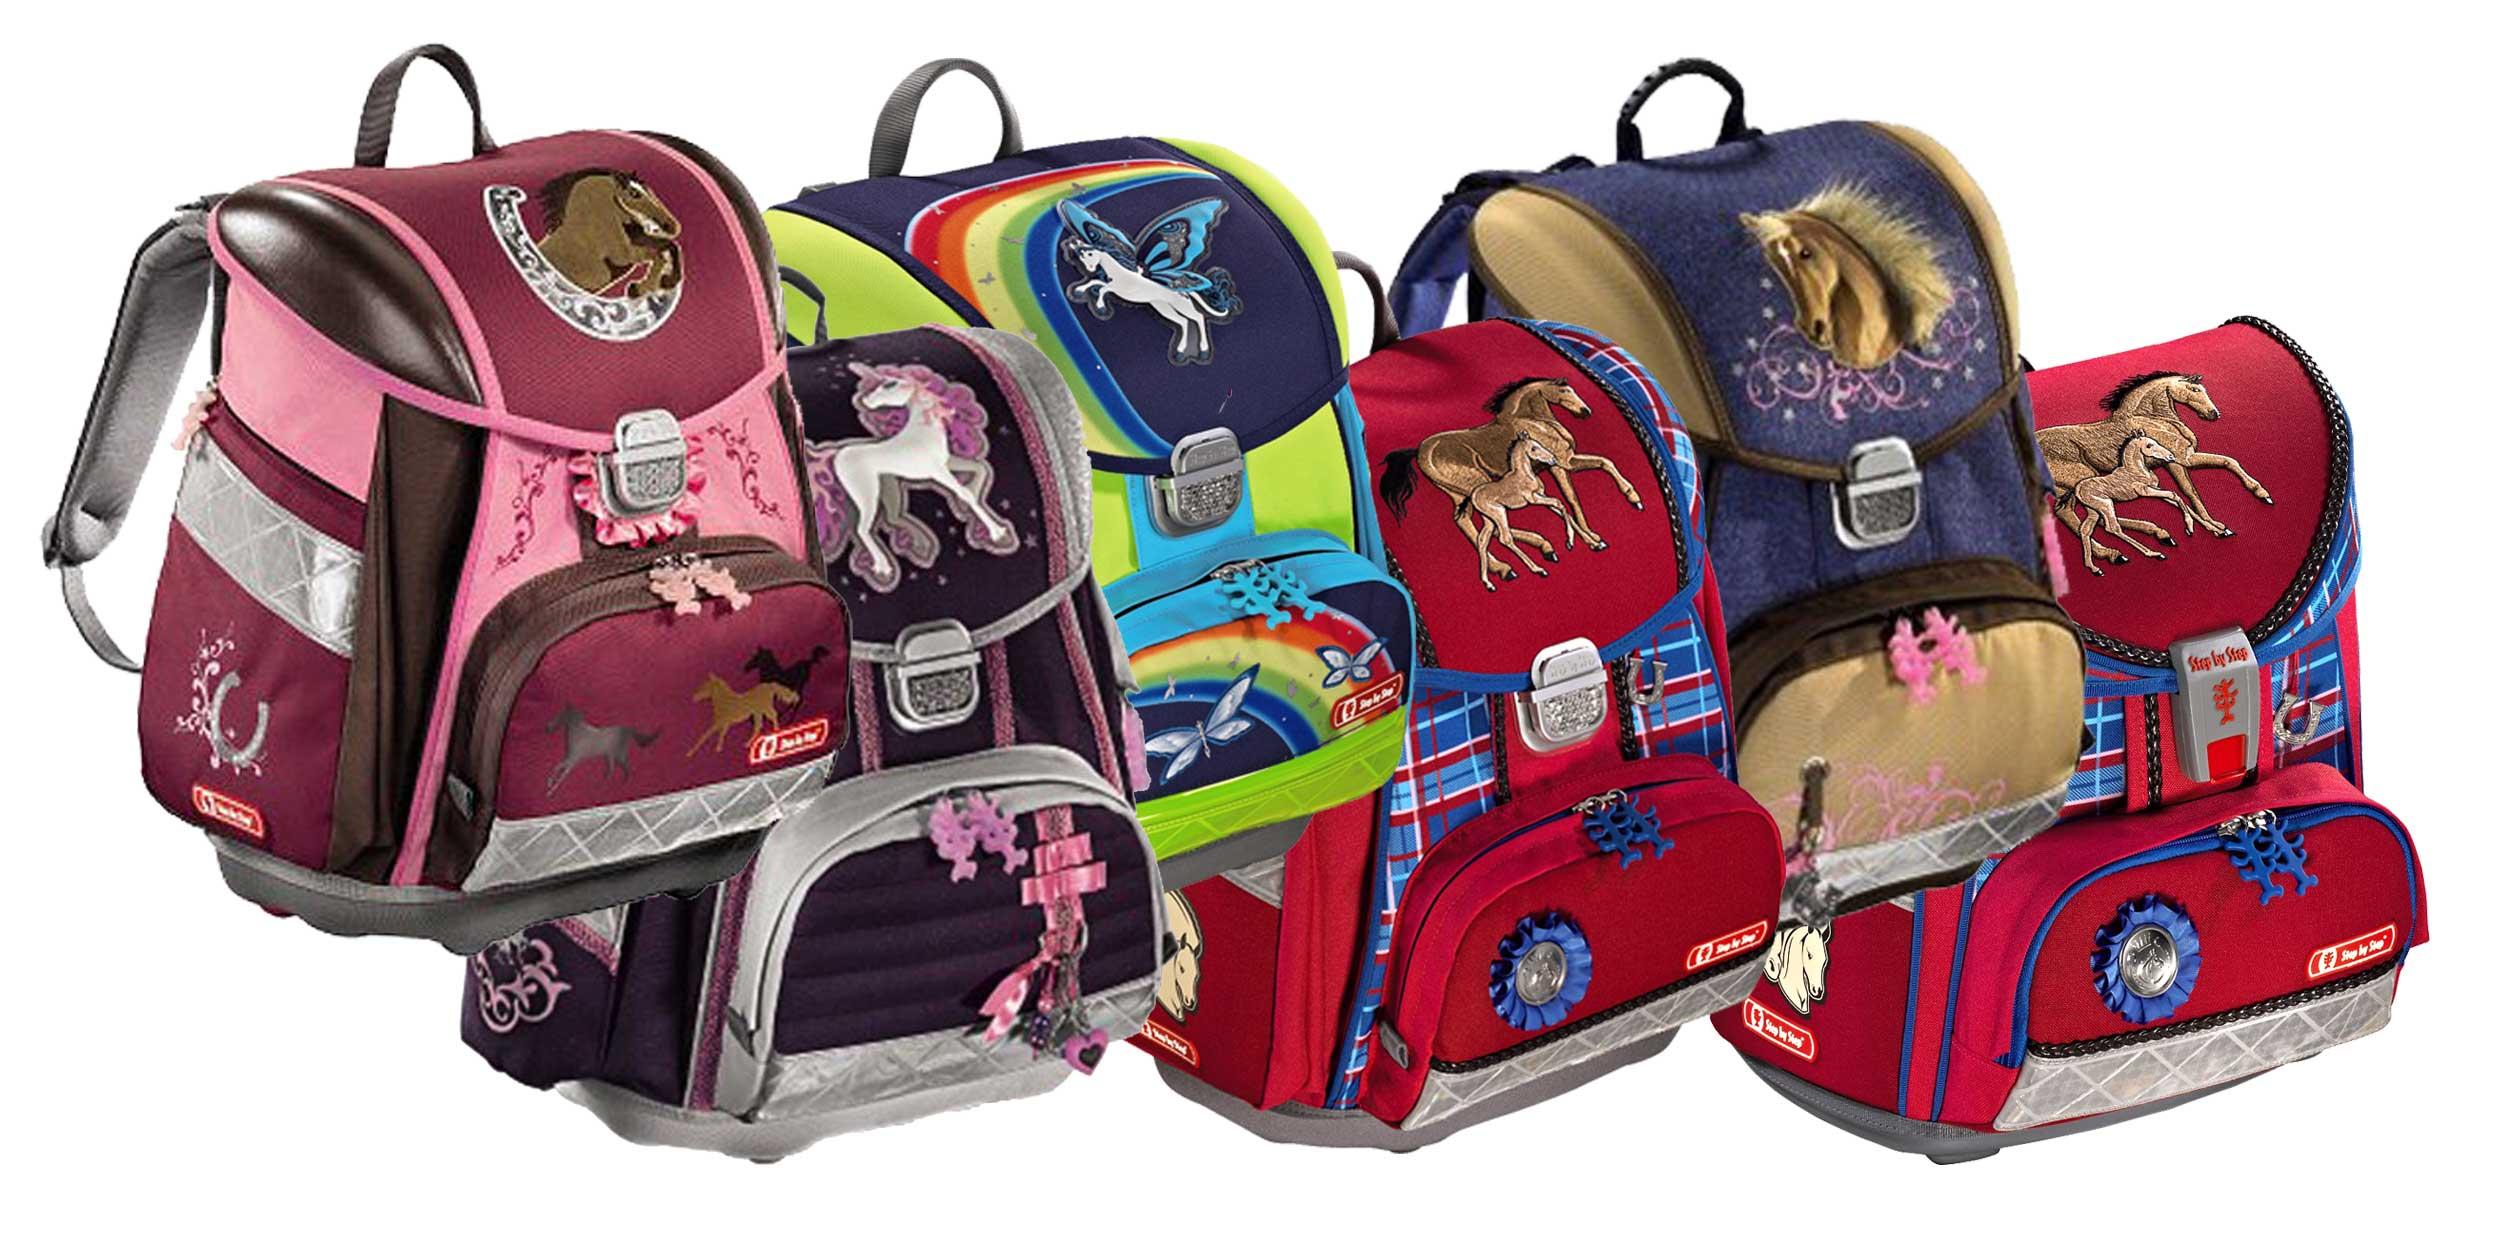 Školské tašky koňe predaj online eshop cena dcd875cedea